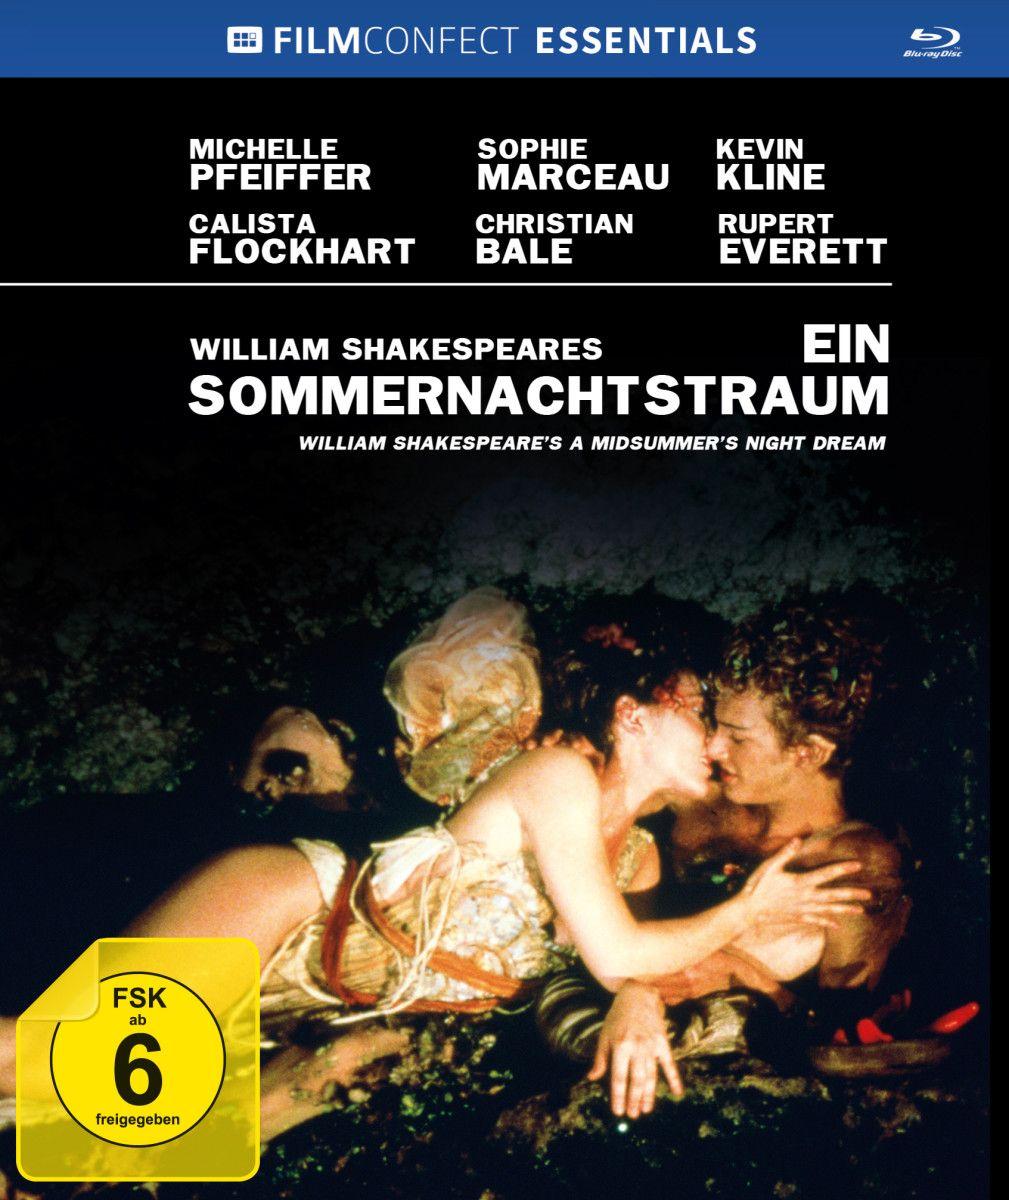 Sommernachtstraum, Ein (Lim. Uncut Mediabook) (BLURAY)